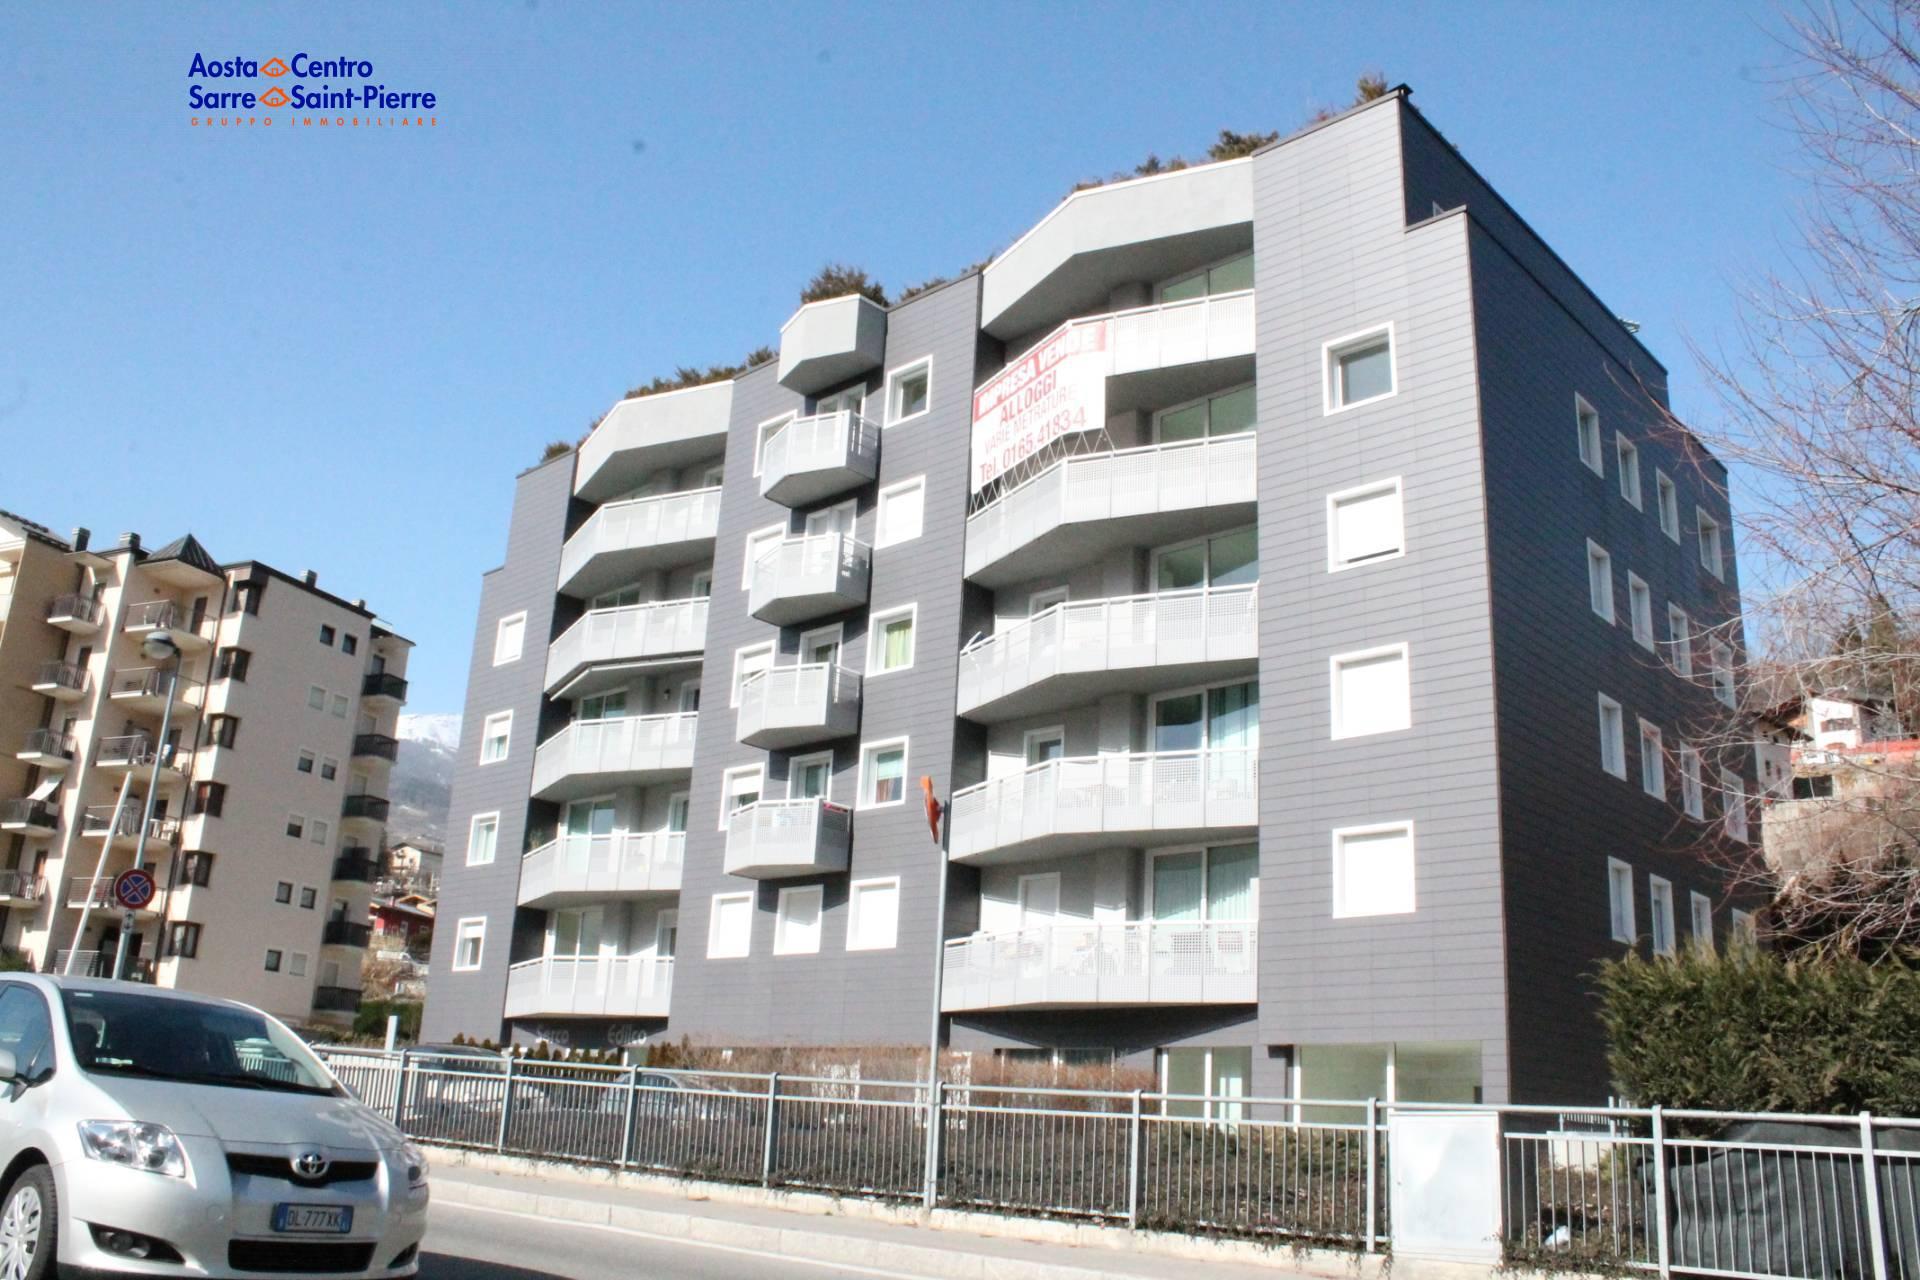 Appartamento in vendita a Aosta, 4 locali, zona centro, prezzo € 265.000   PortaleAgenzieImmobiliari.it